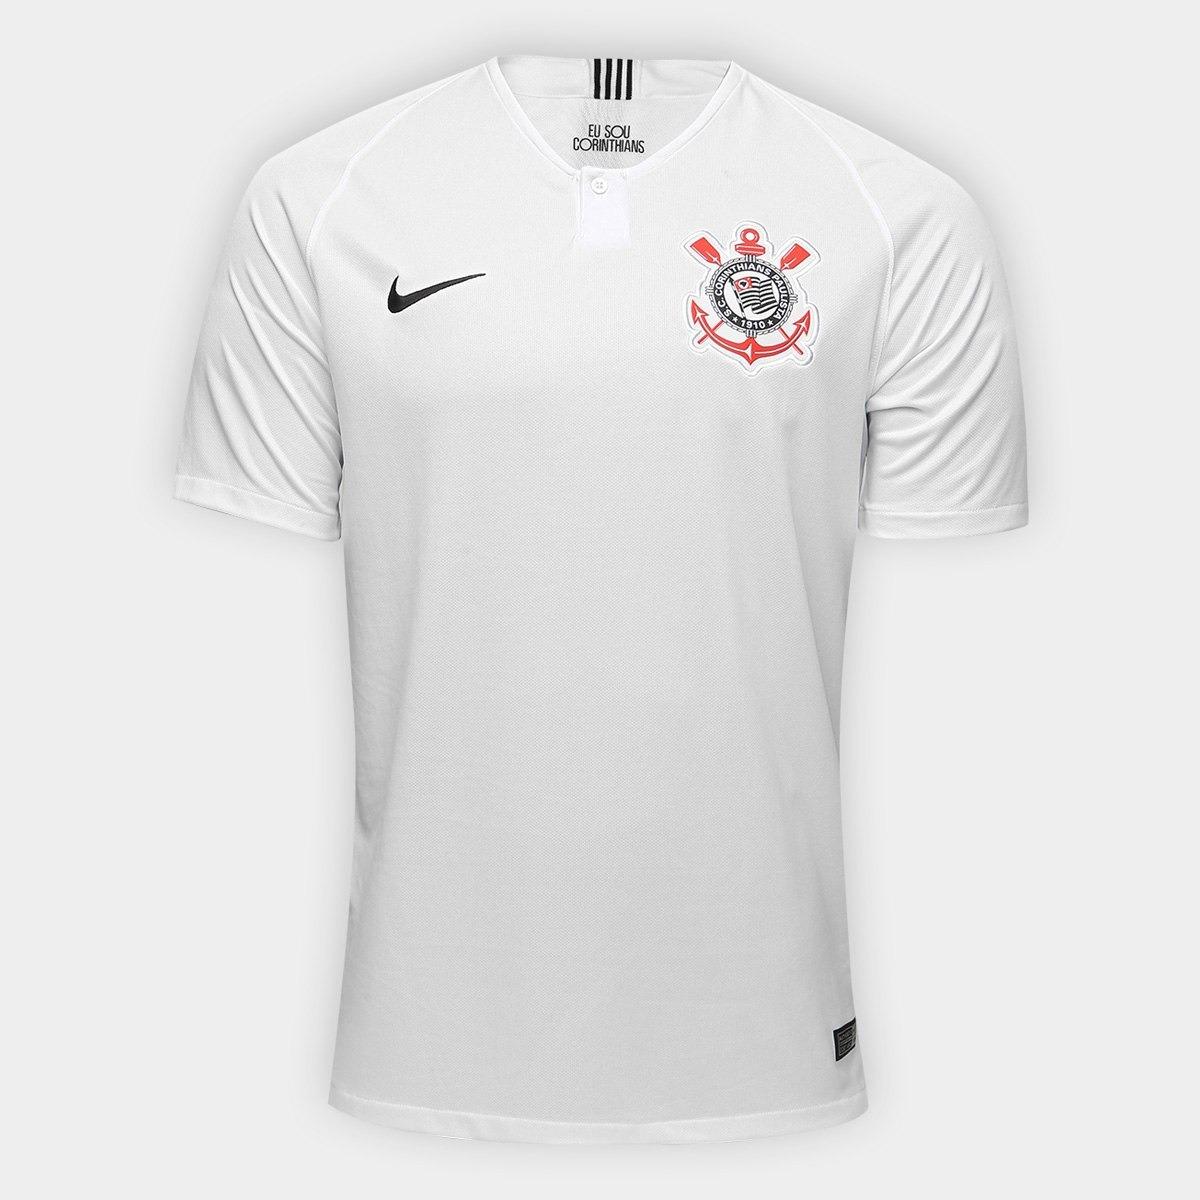 nova camisa nike oficial corinthians lançamentos preta branc. Carregando  zoom. 9eb01d077a0d3